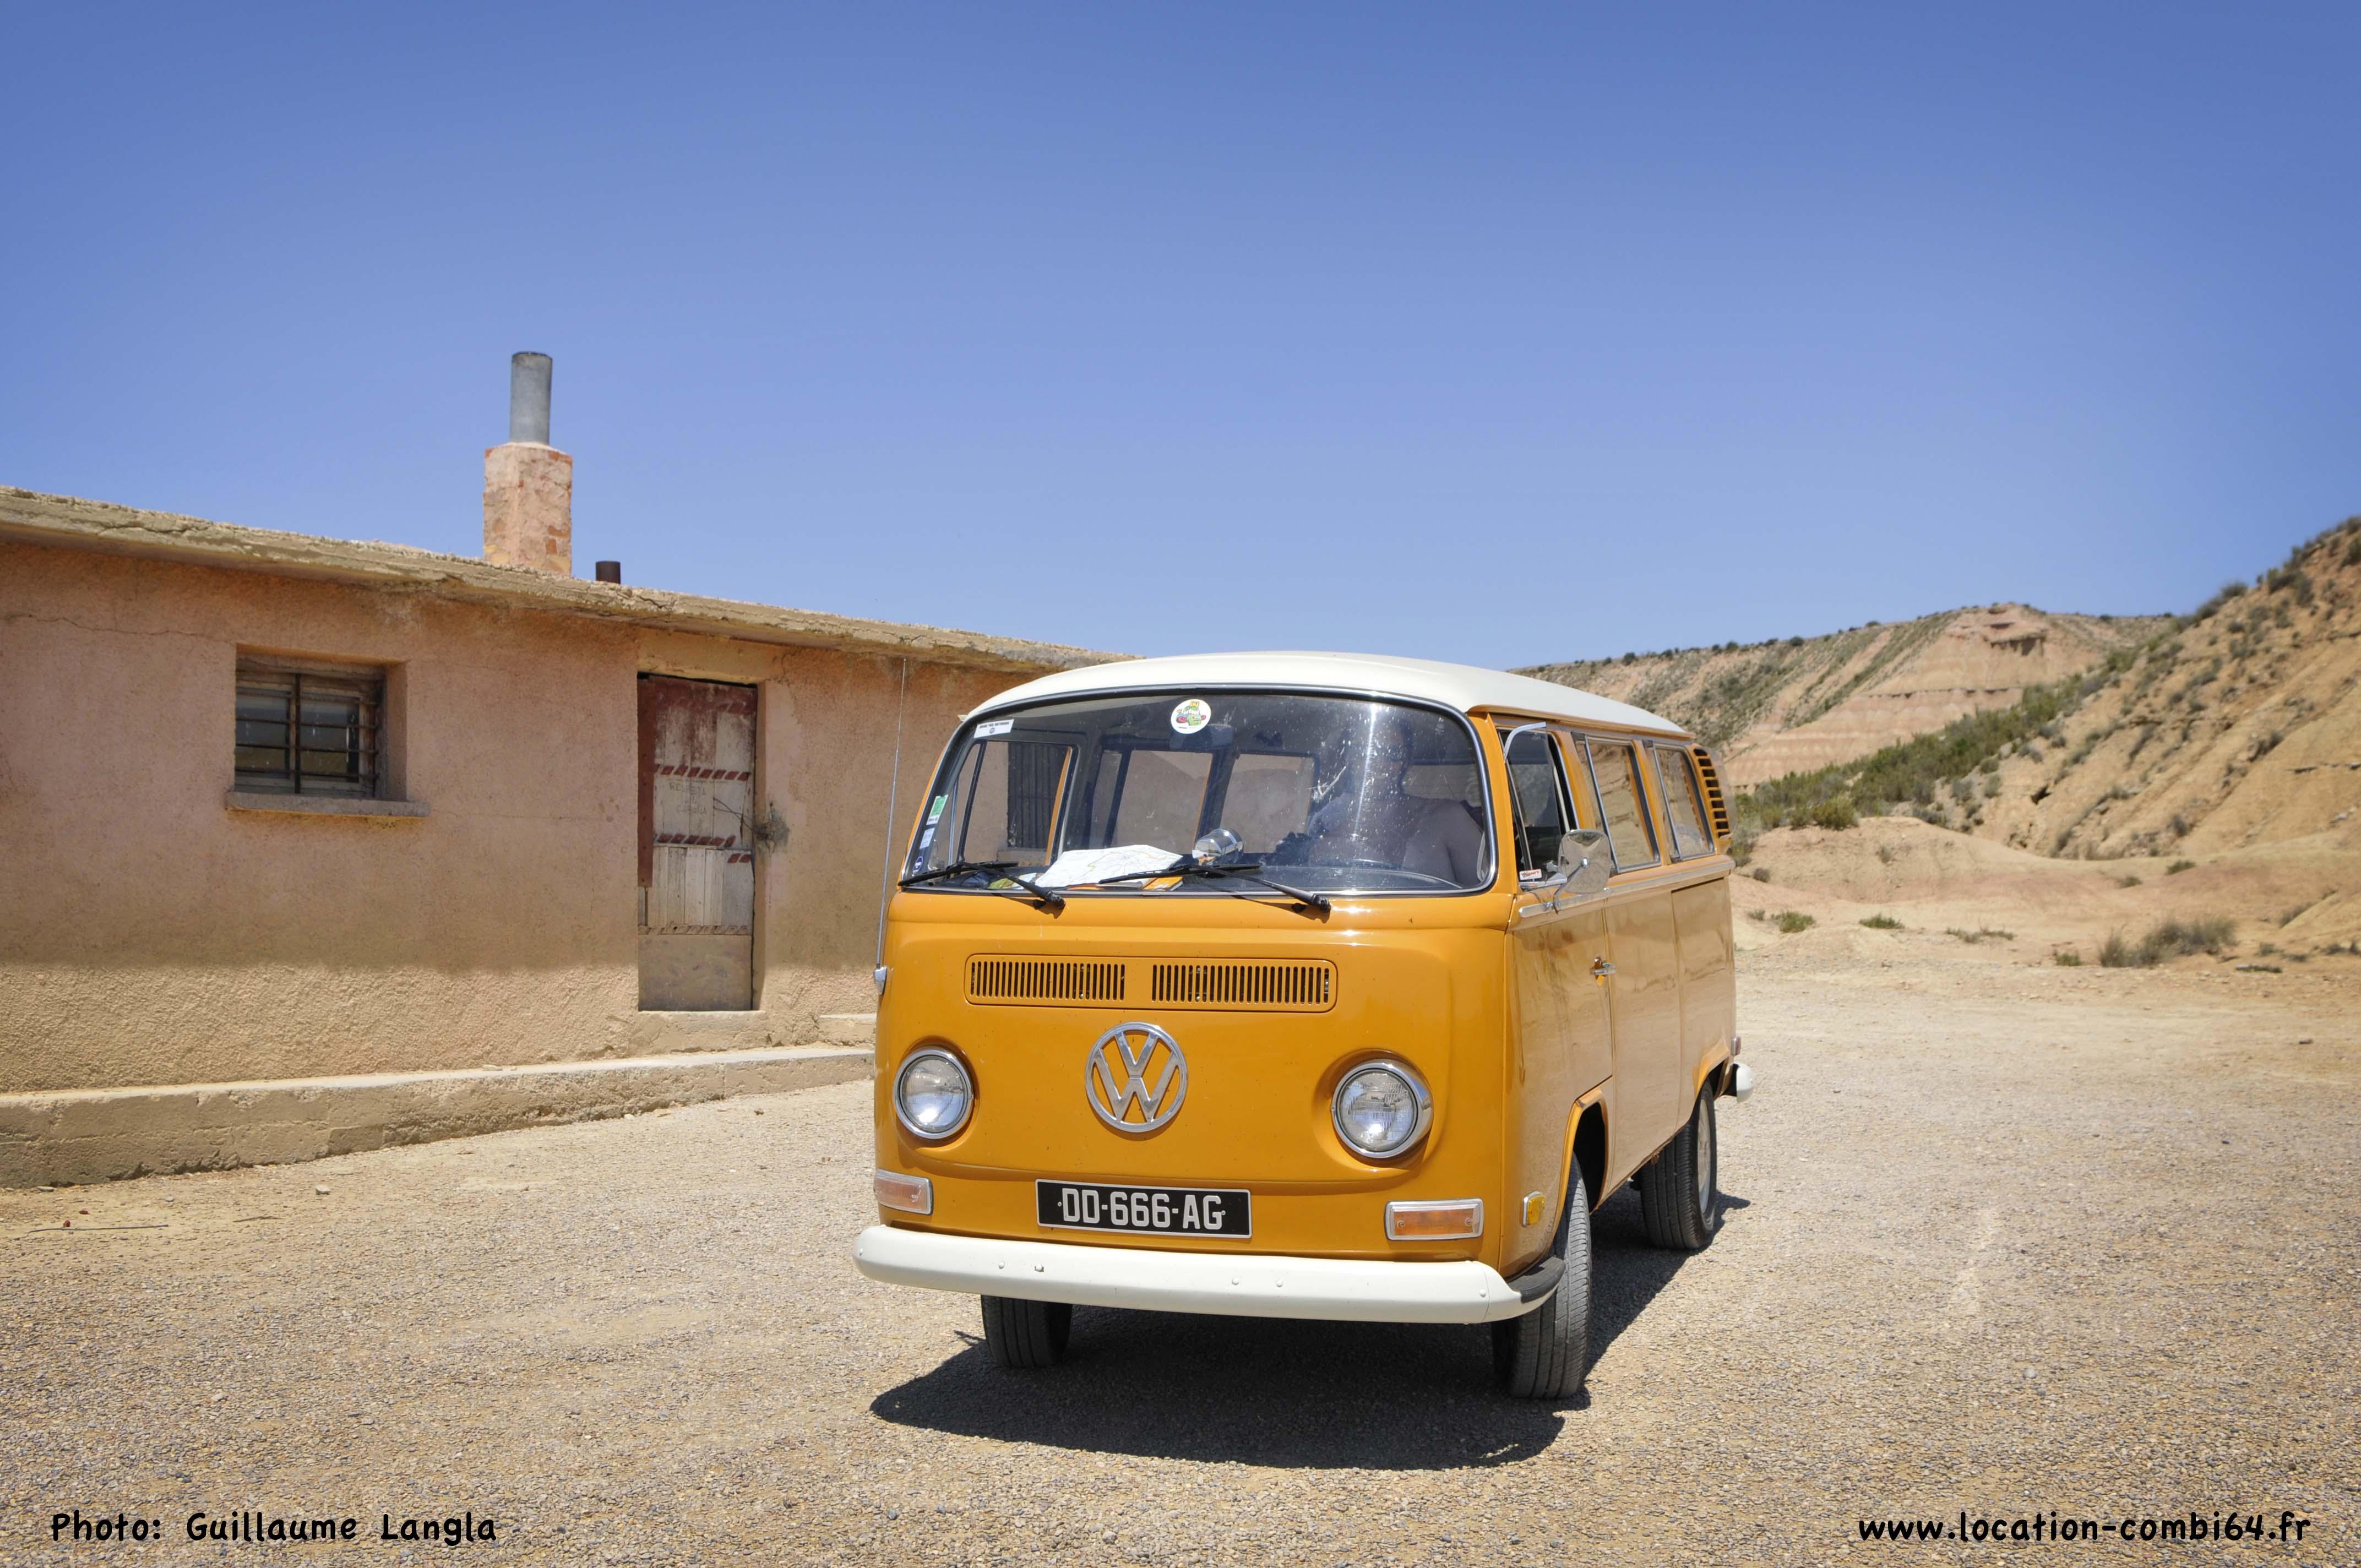 d d le diable combi minibus 9 places 1972 ici l bas partout. Black Bedroom Furniture Sets. Home Design Ideas